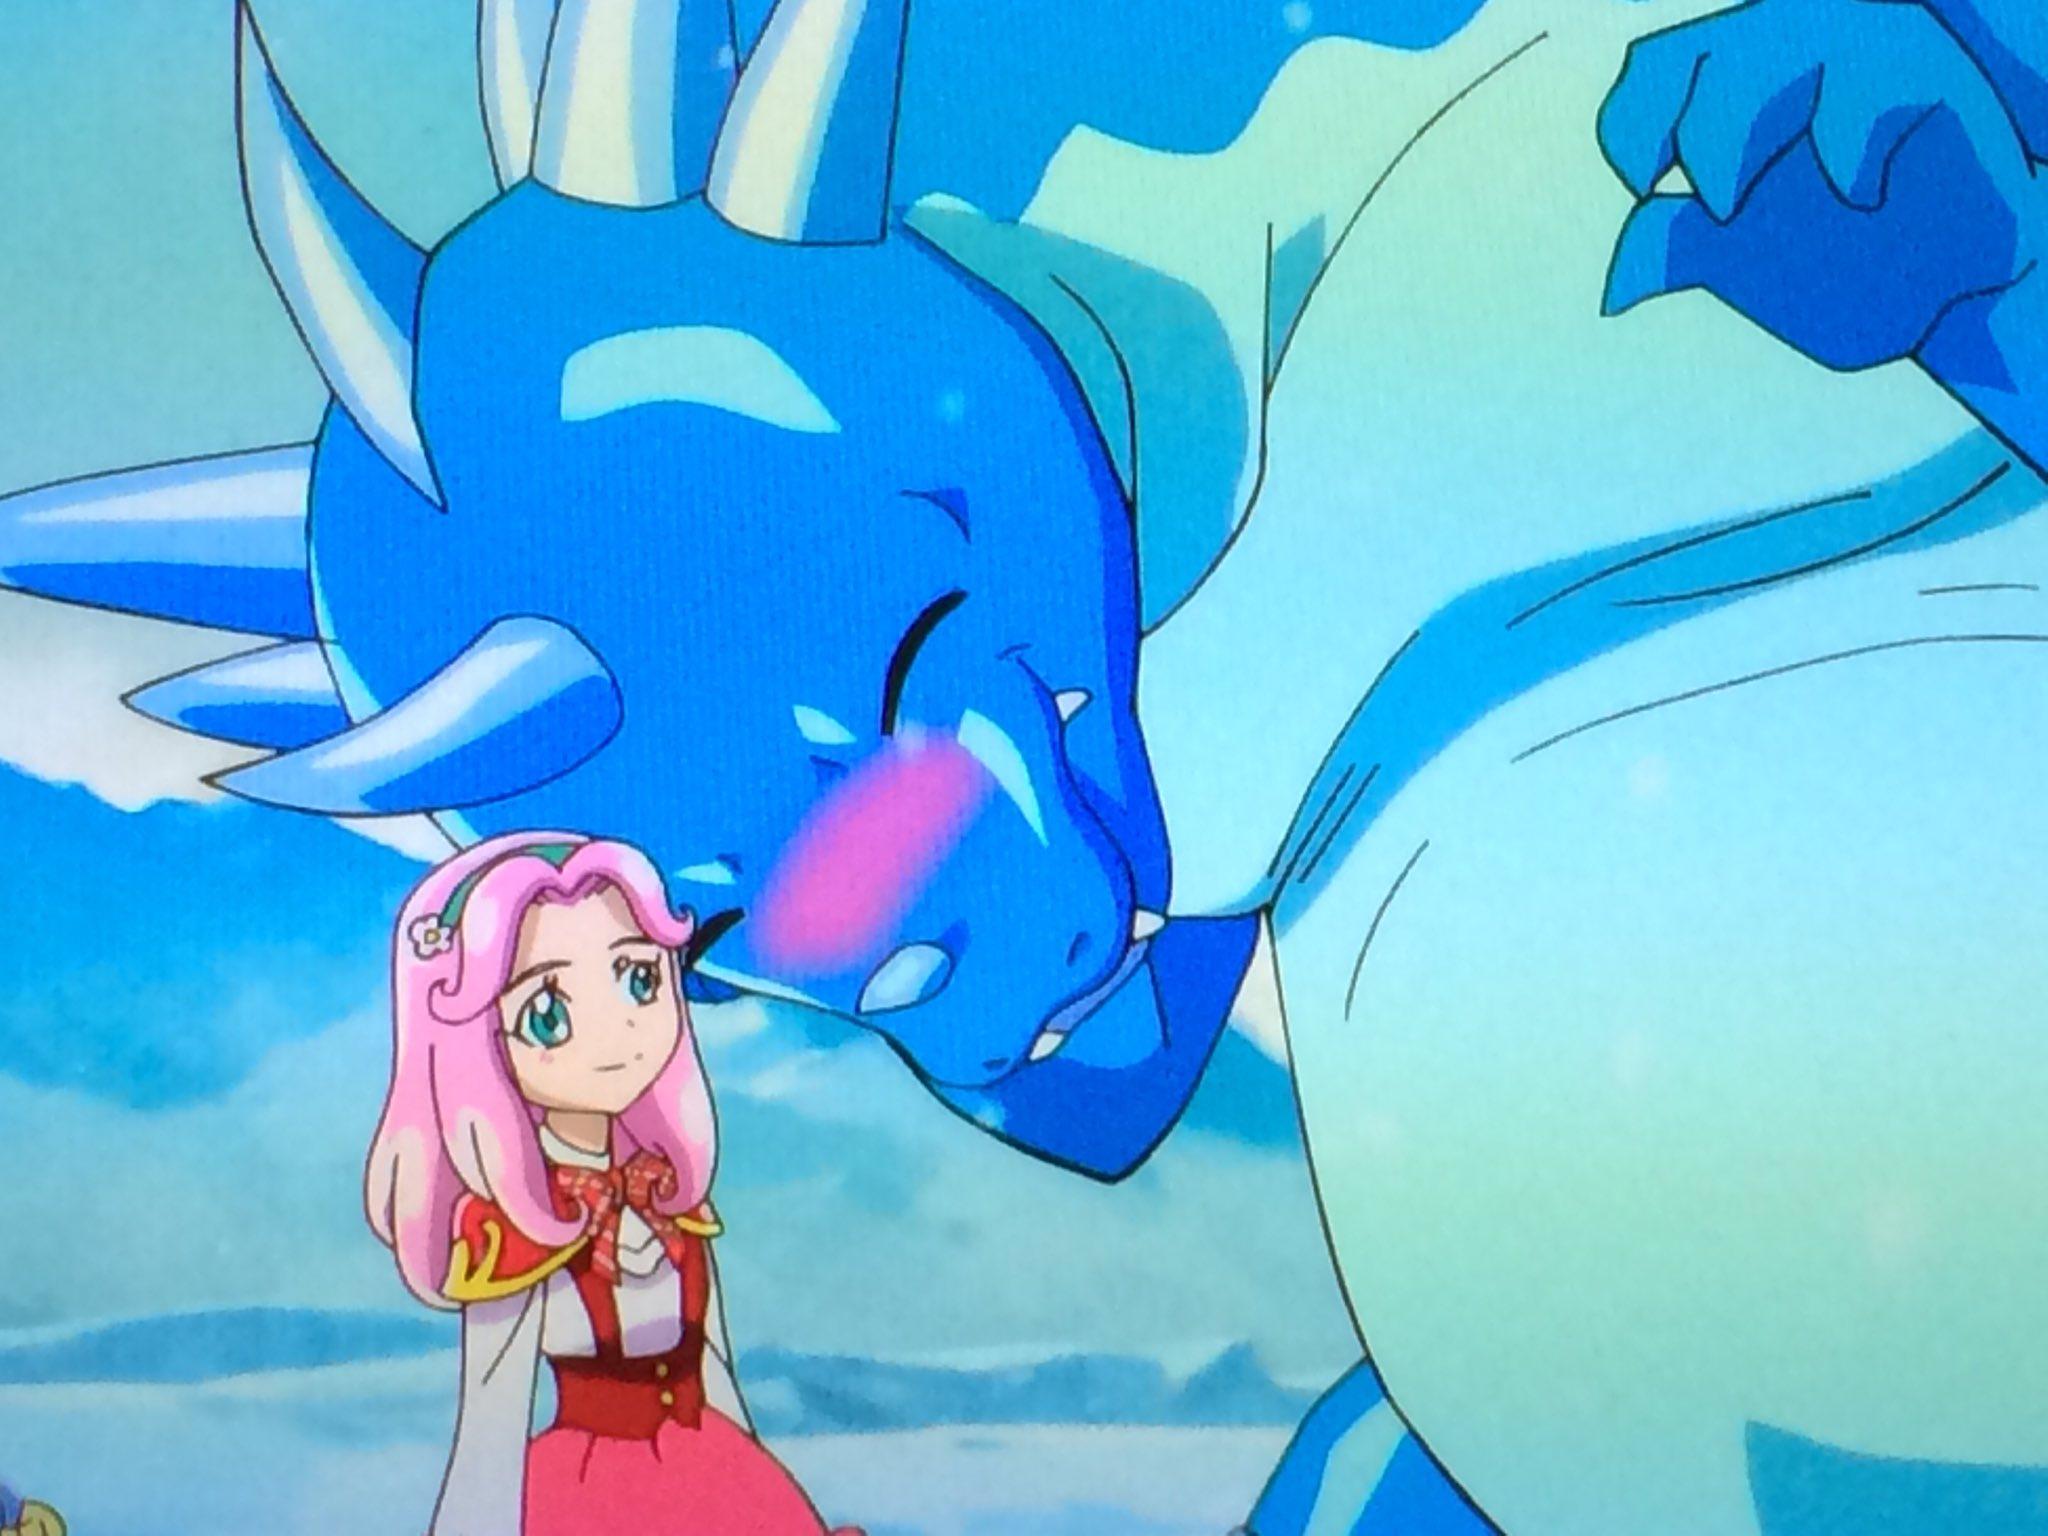 「アイスドラゴンは恋をしたのです」  ぉ、ぉぅ… #precure #魔法つかいプリキュア https://t.co/yMHycZ6Rca